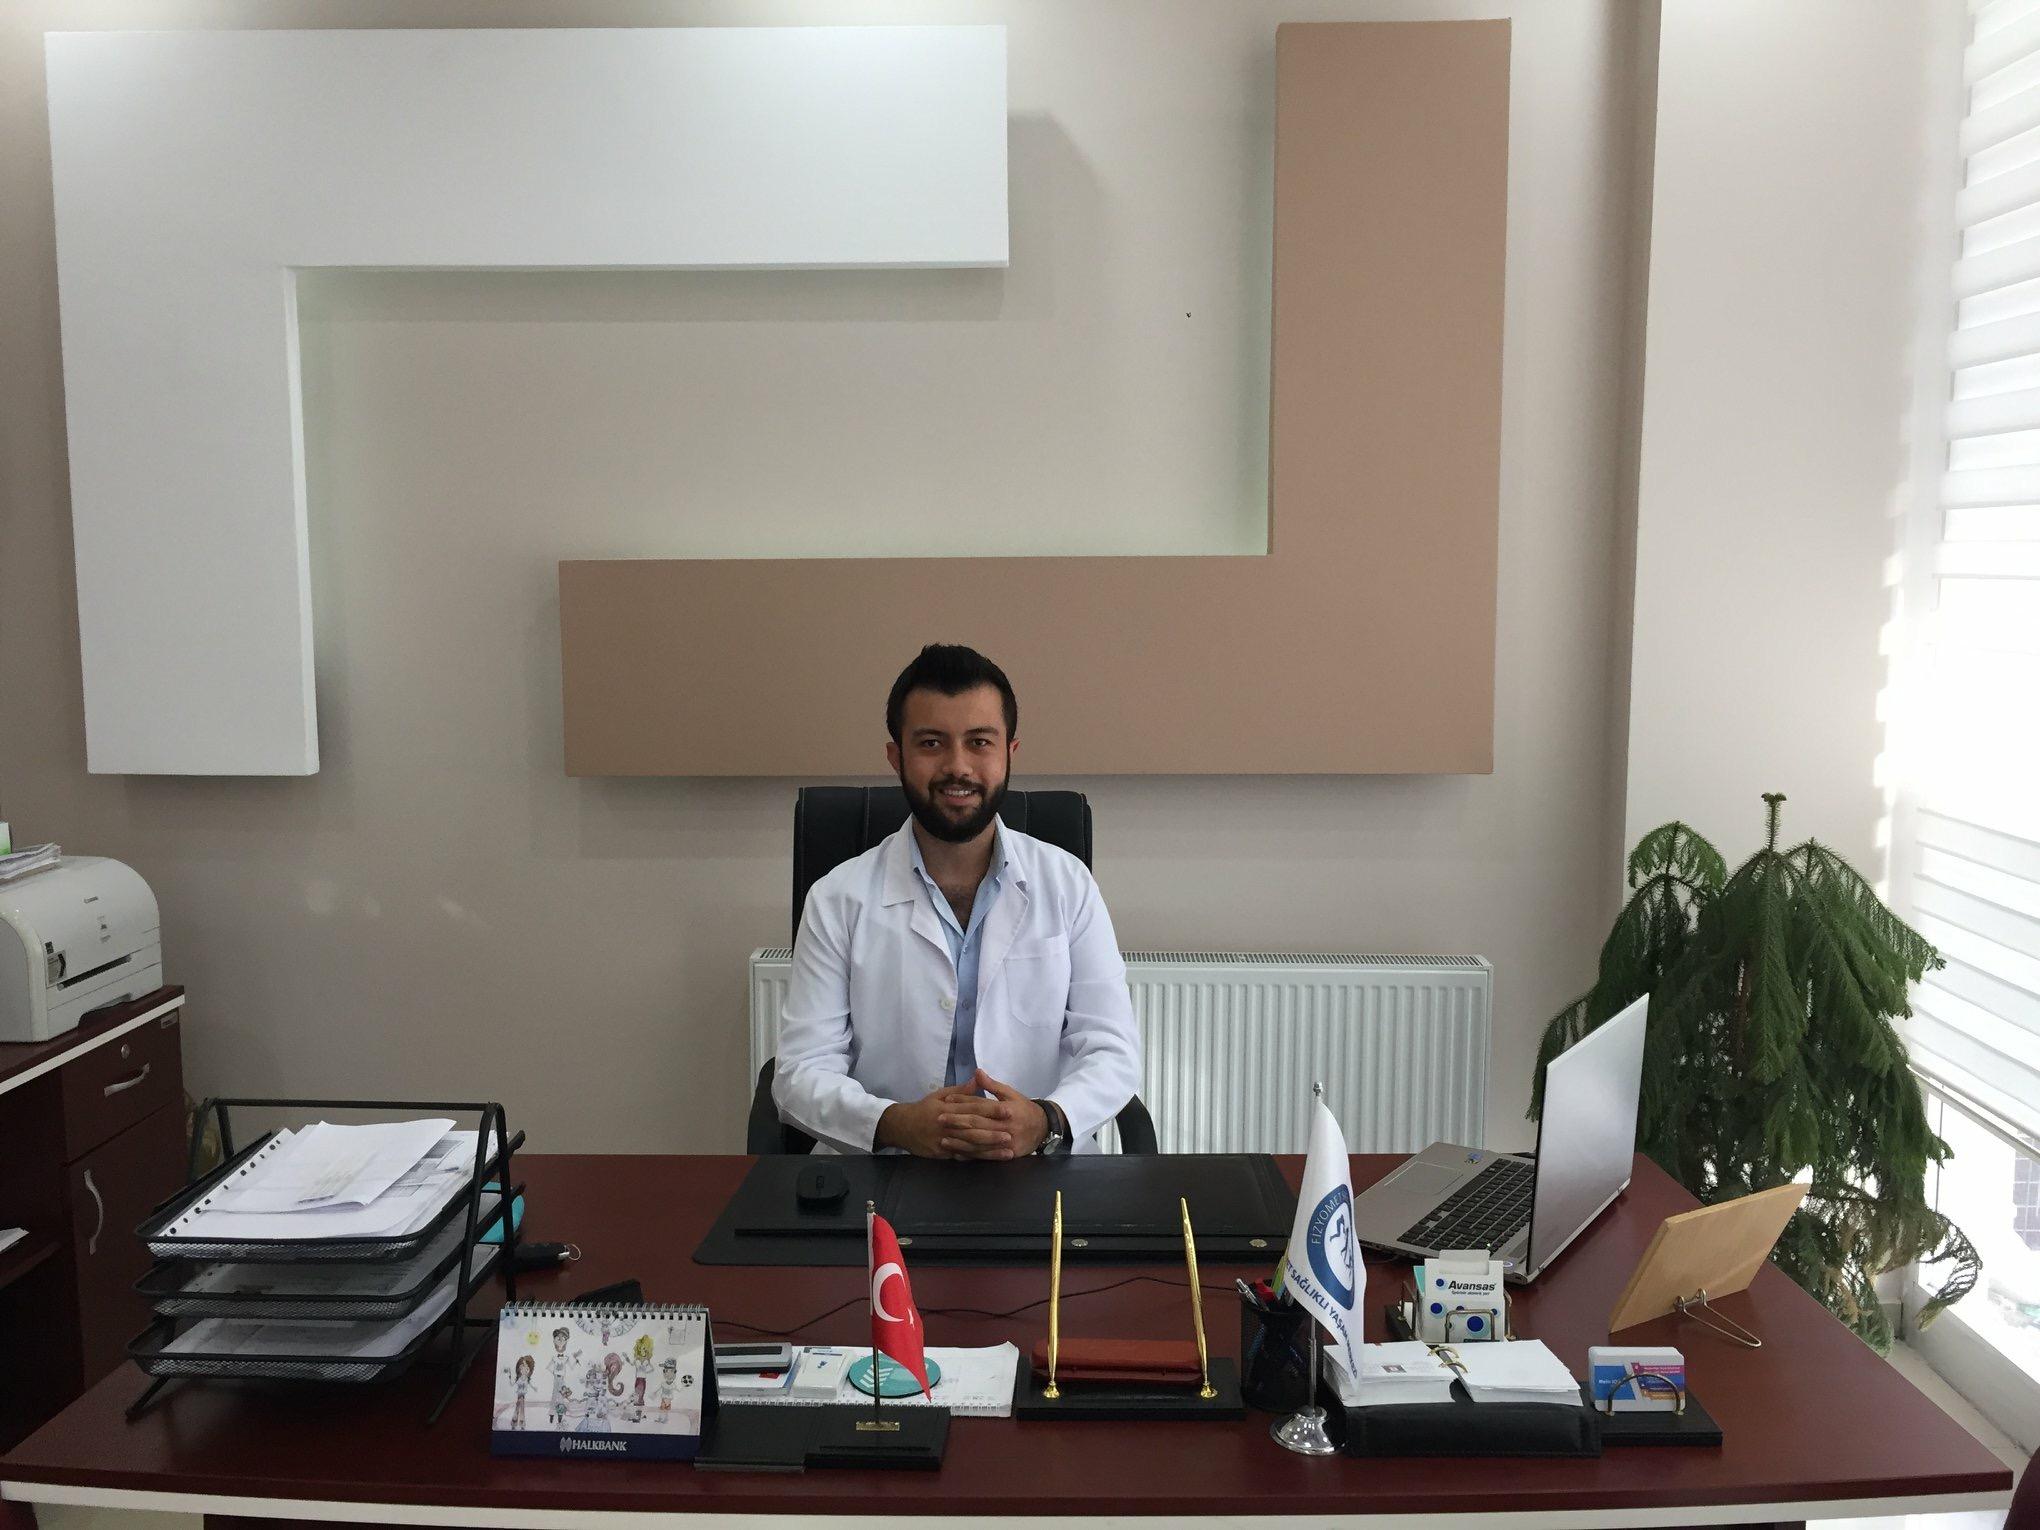 Diyetisyen Murat Serkan SİNAV İlköğretim Çocukları ve Adölesanlarda Beslenme Alışkanlığı Konusunda Uyarılarda Bulundu